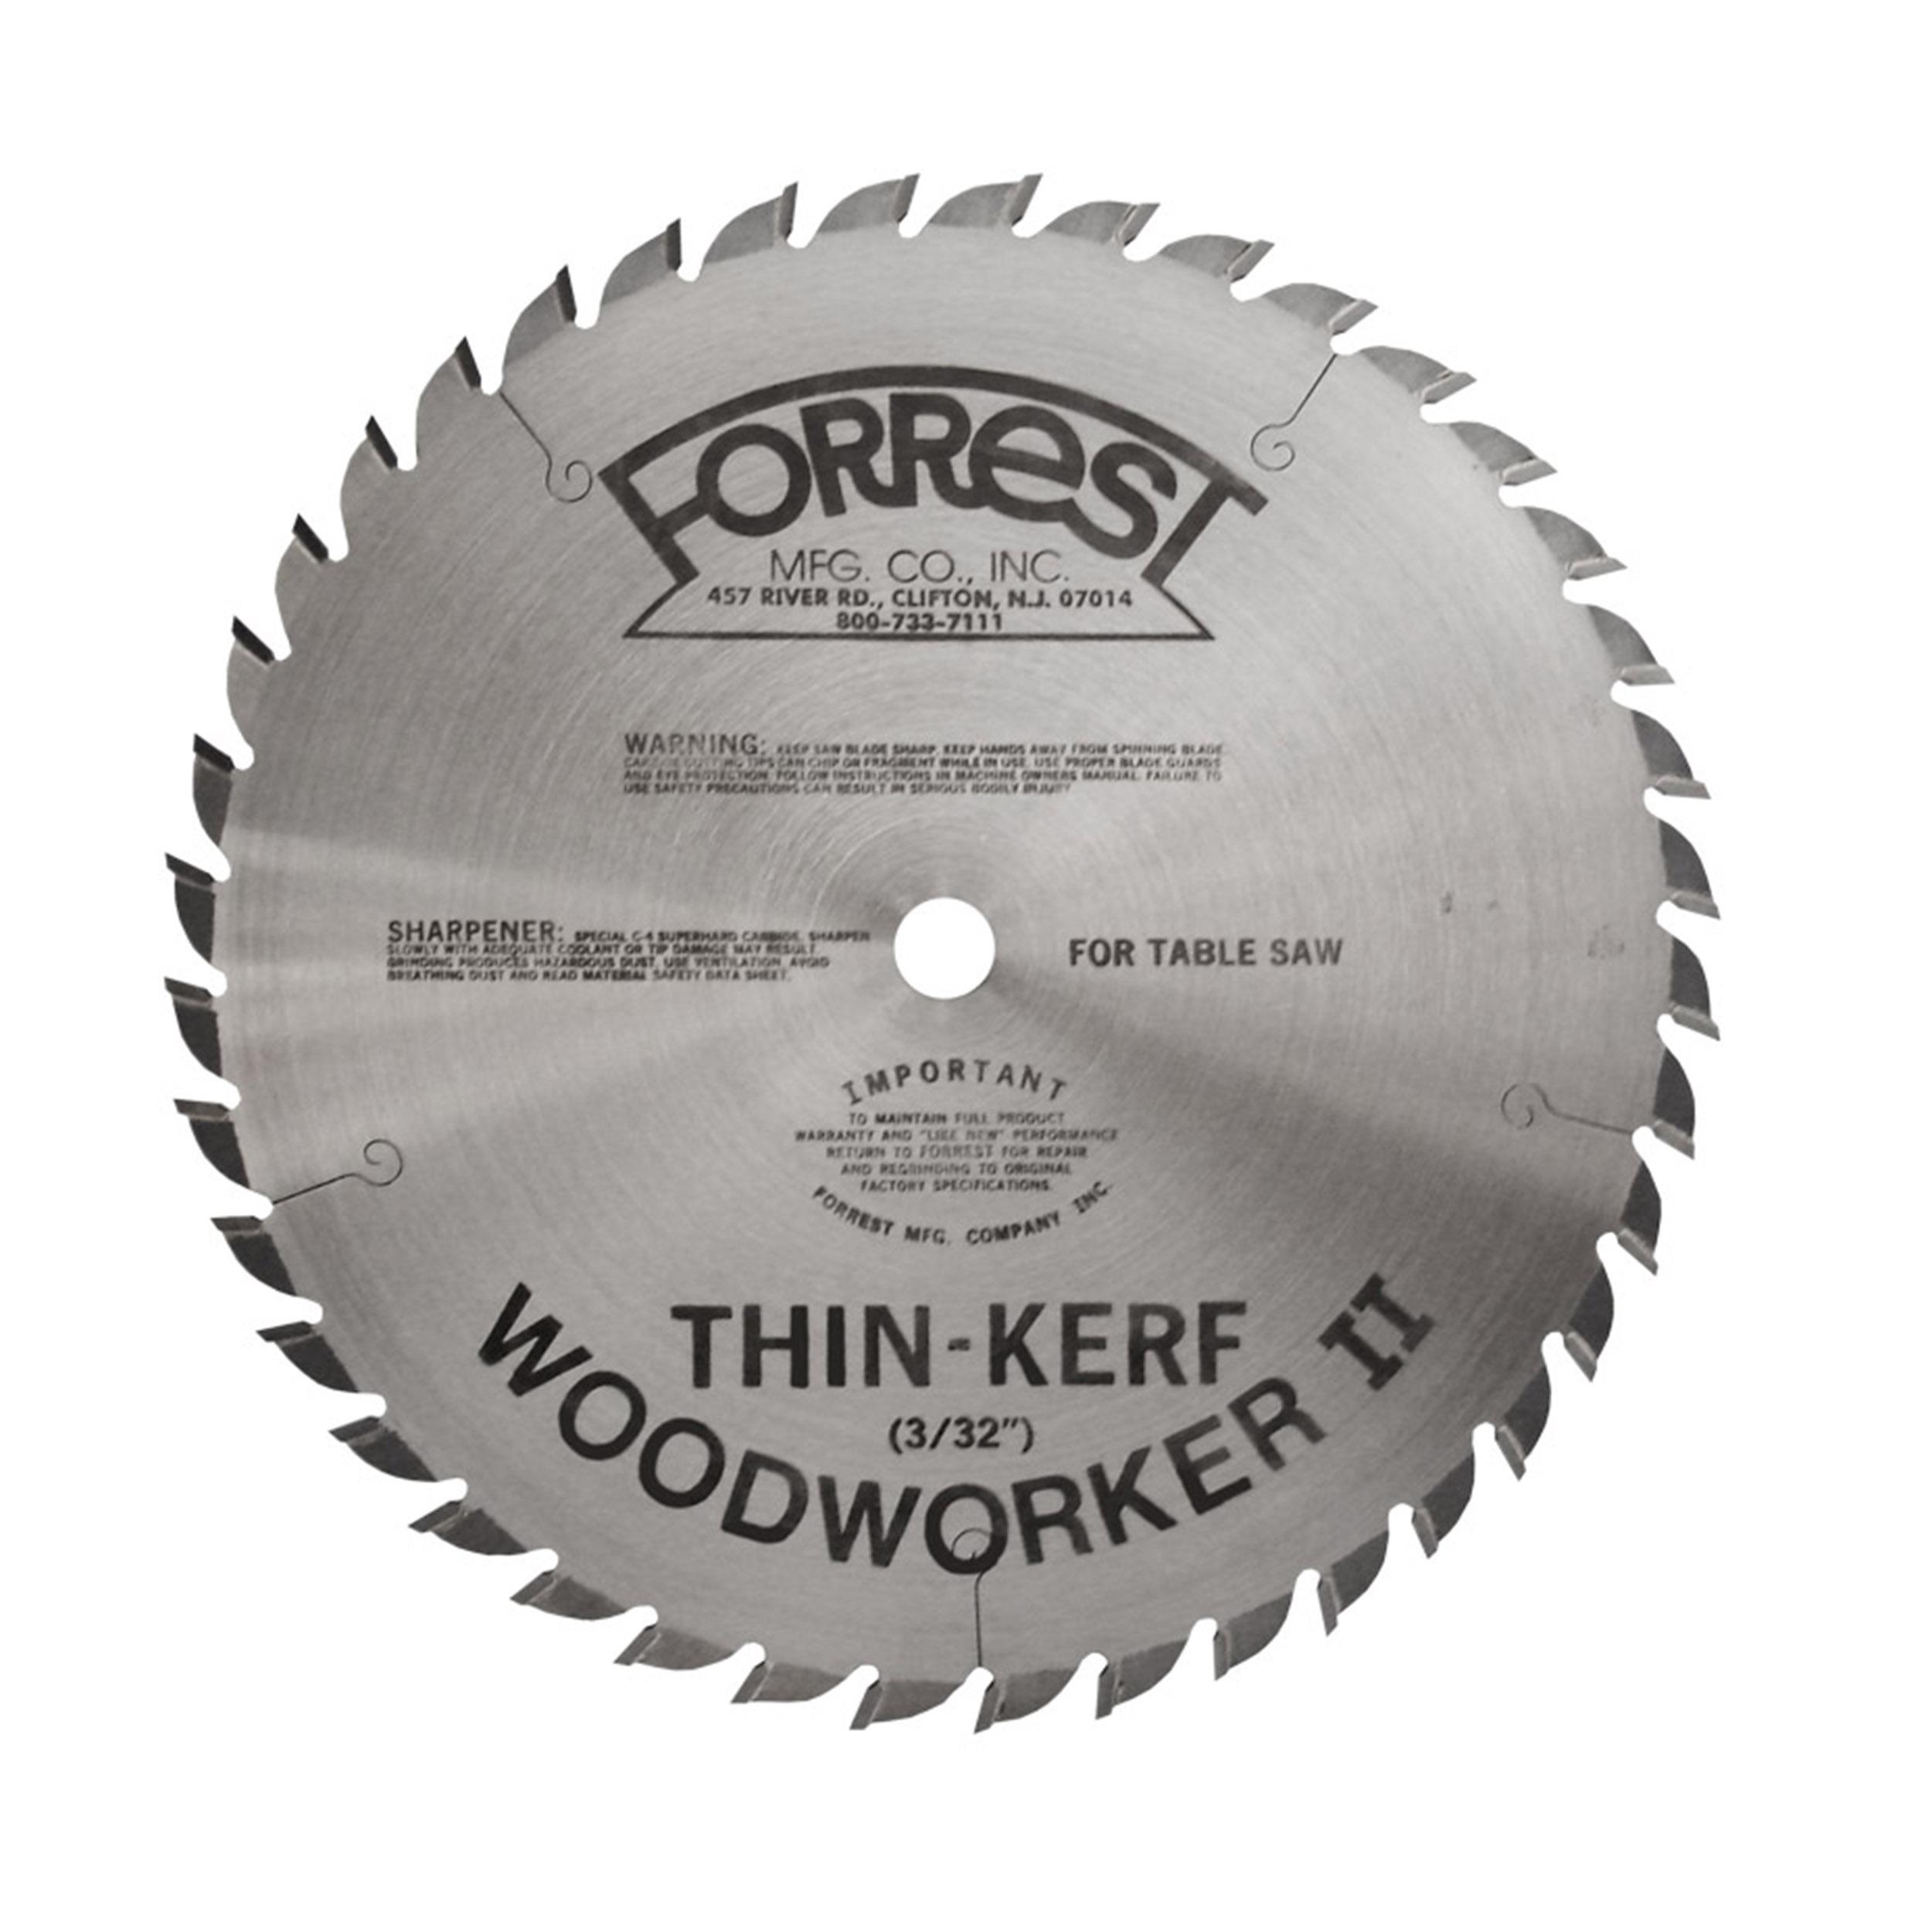 WW06407100 Woodworker II Saw Blade, 6